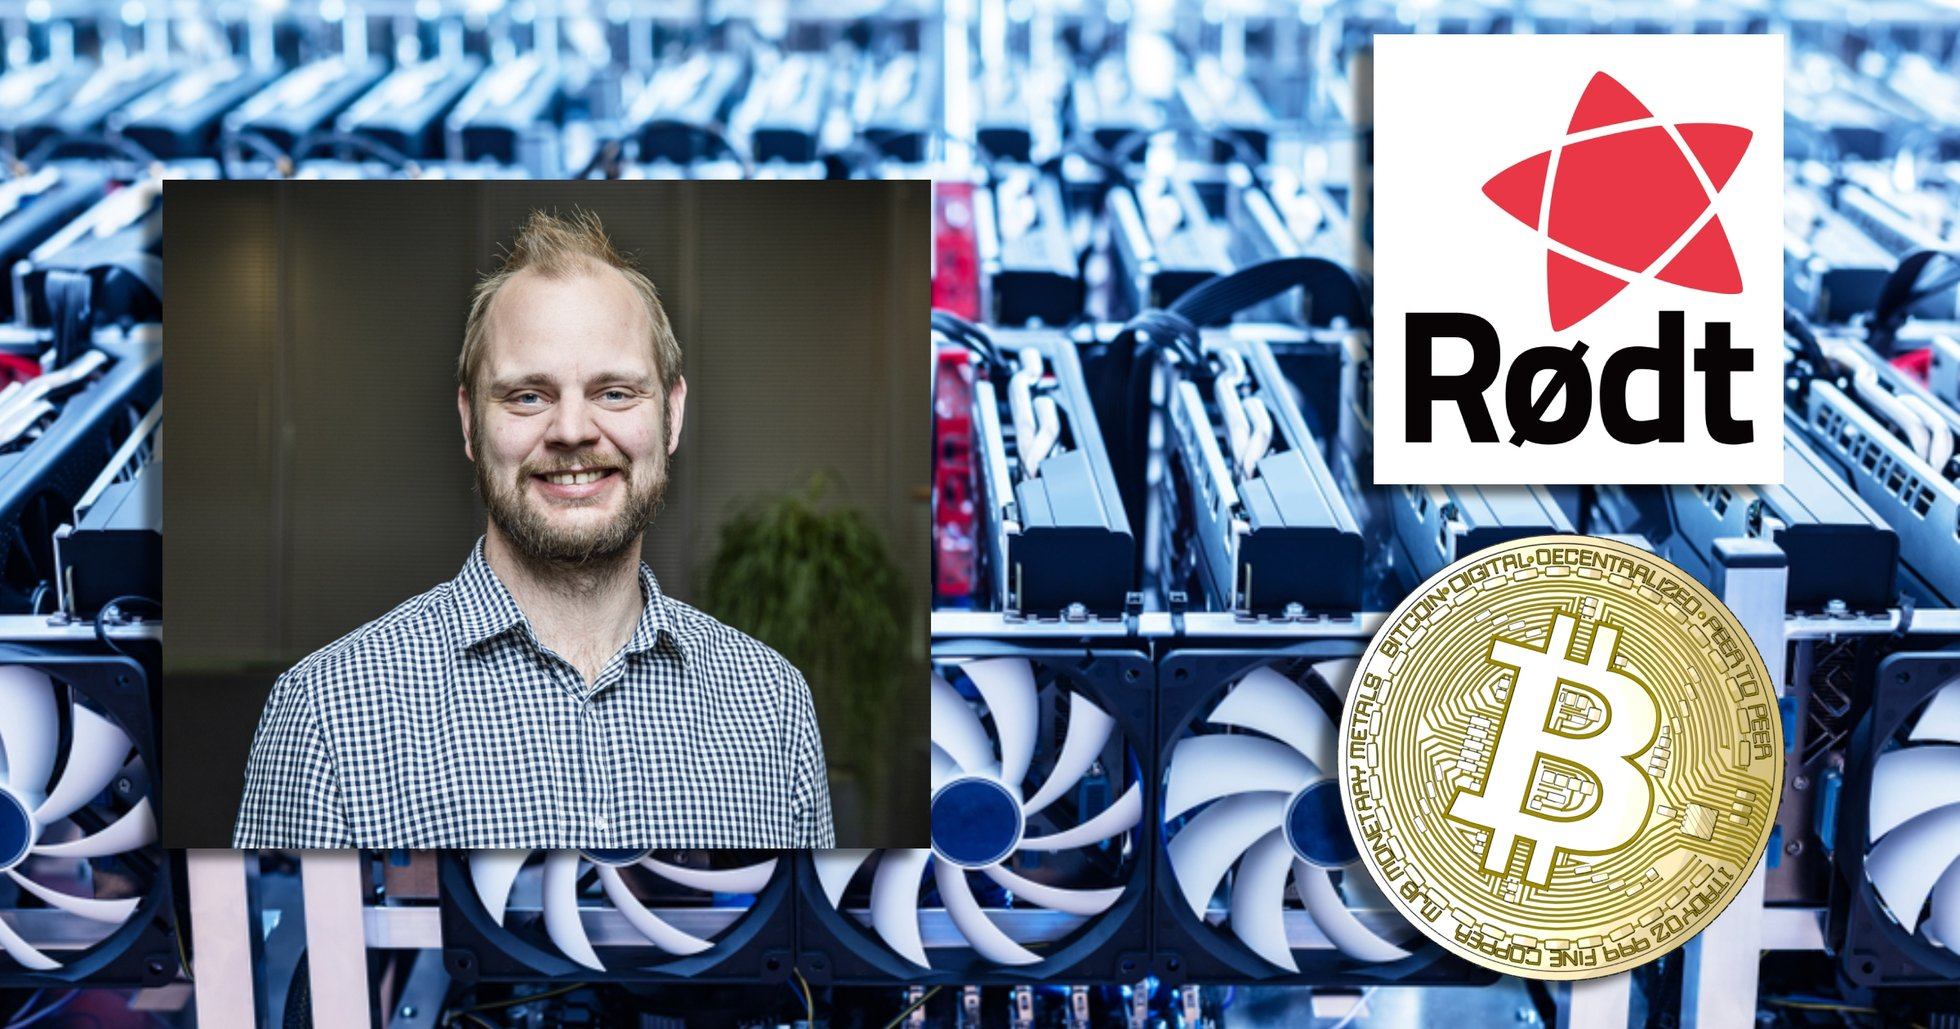 Norskt socialistiskt parti föreslår stopp av statlig el till bitcoinmining